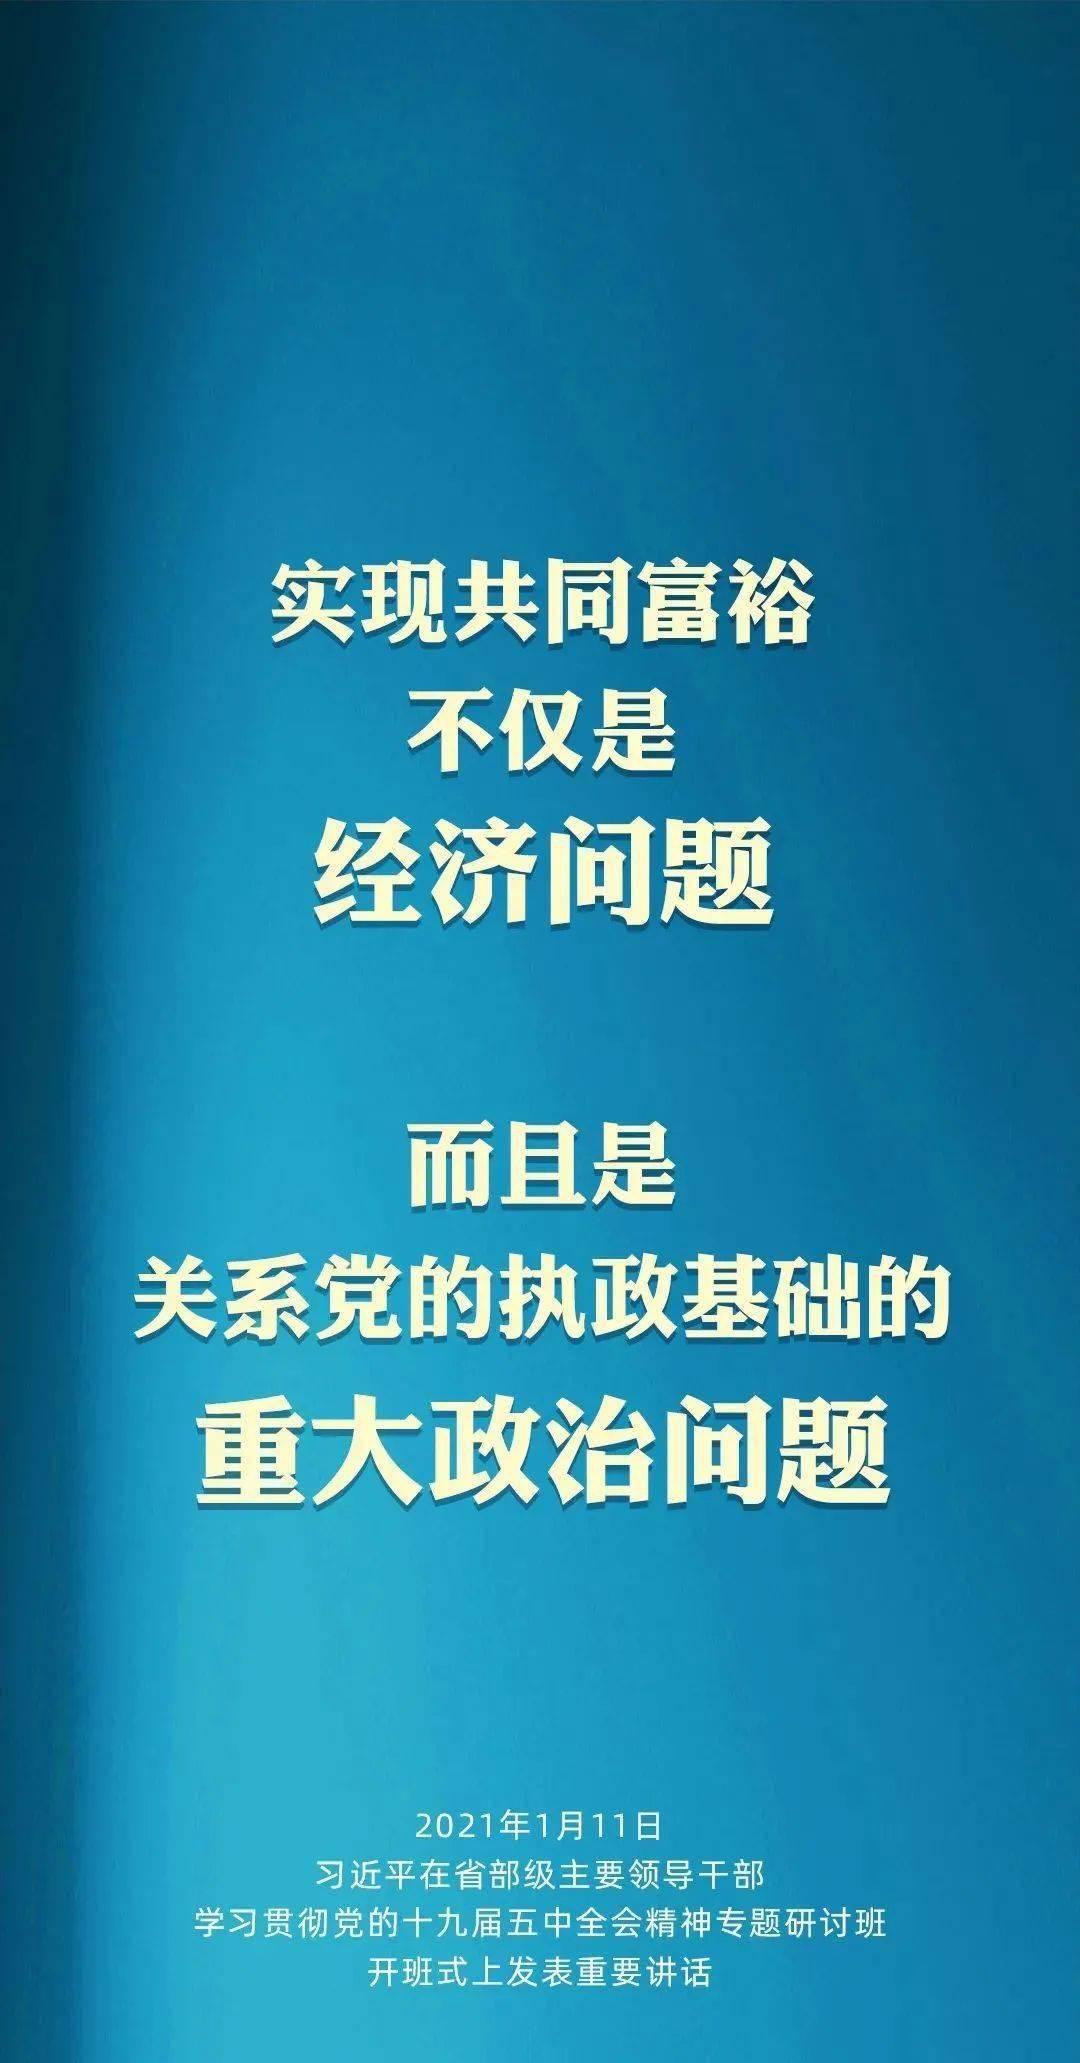 习近平在省部级主要领导干部学习贯彻党的十九届五中全会精神专题研讨班开班式上发表重要讲话